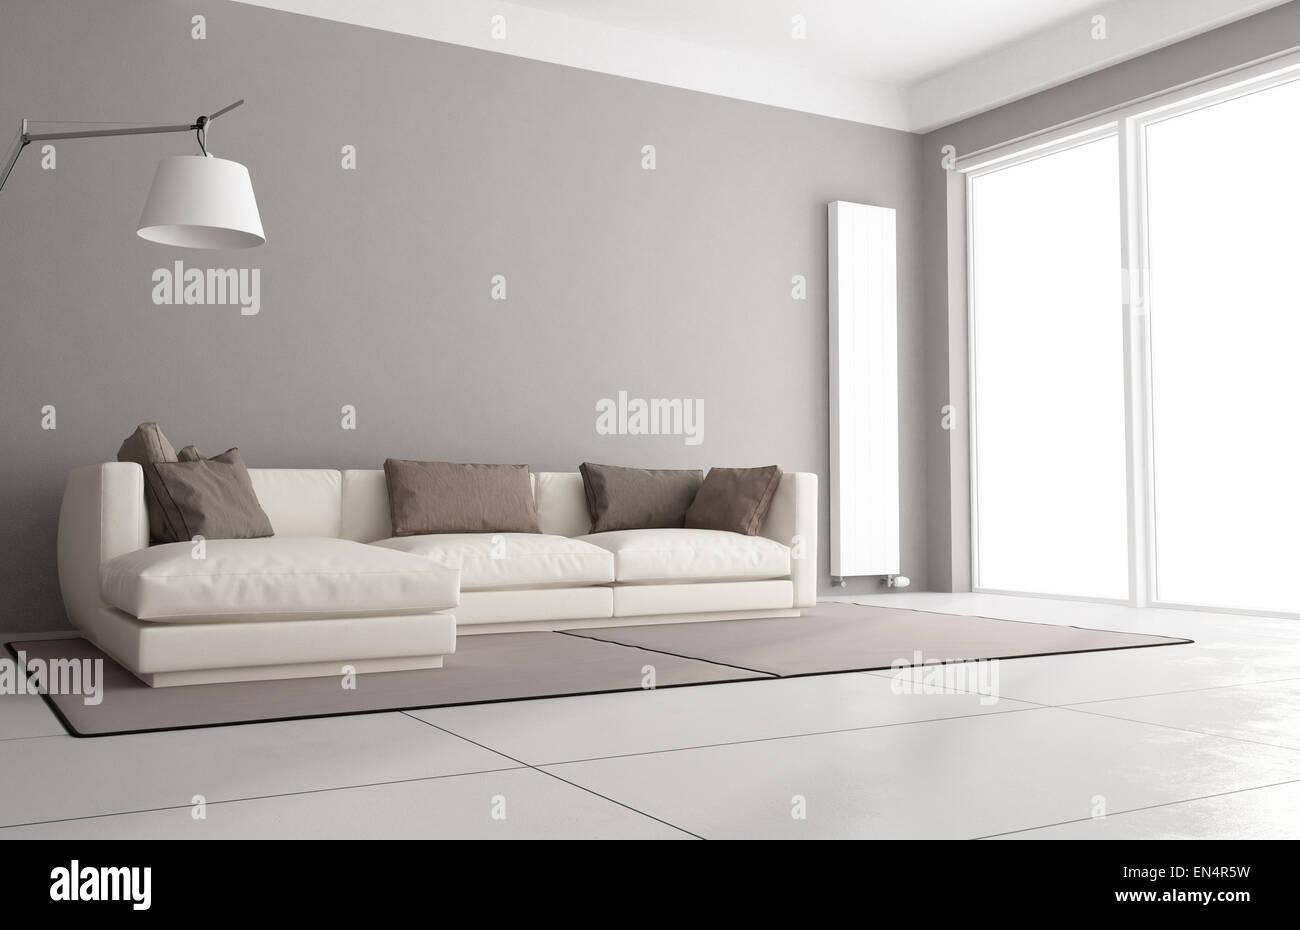 Minimalist living room with elegant sofa, floor lamp and large ...